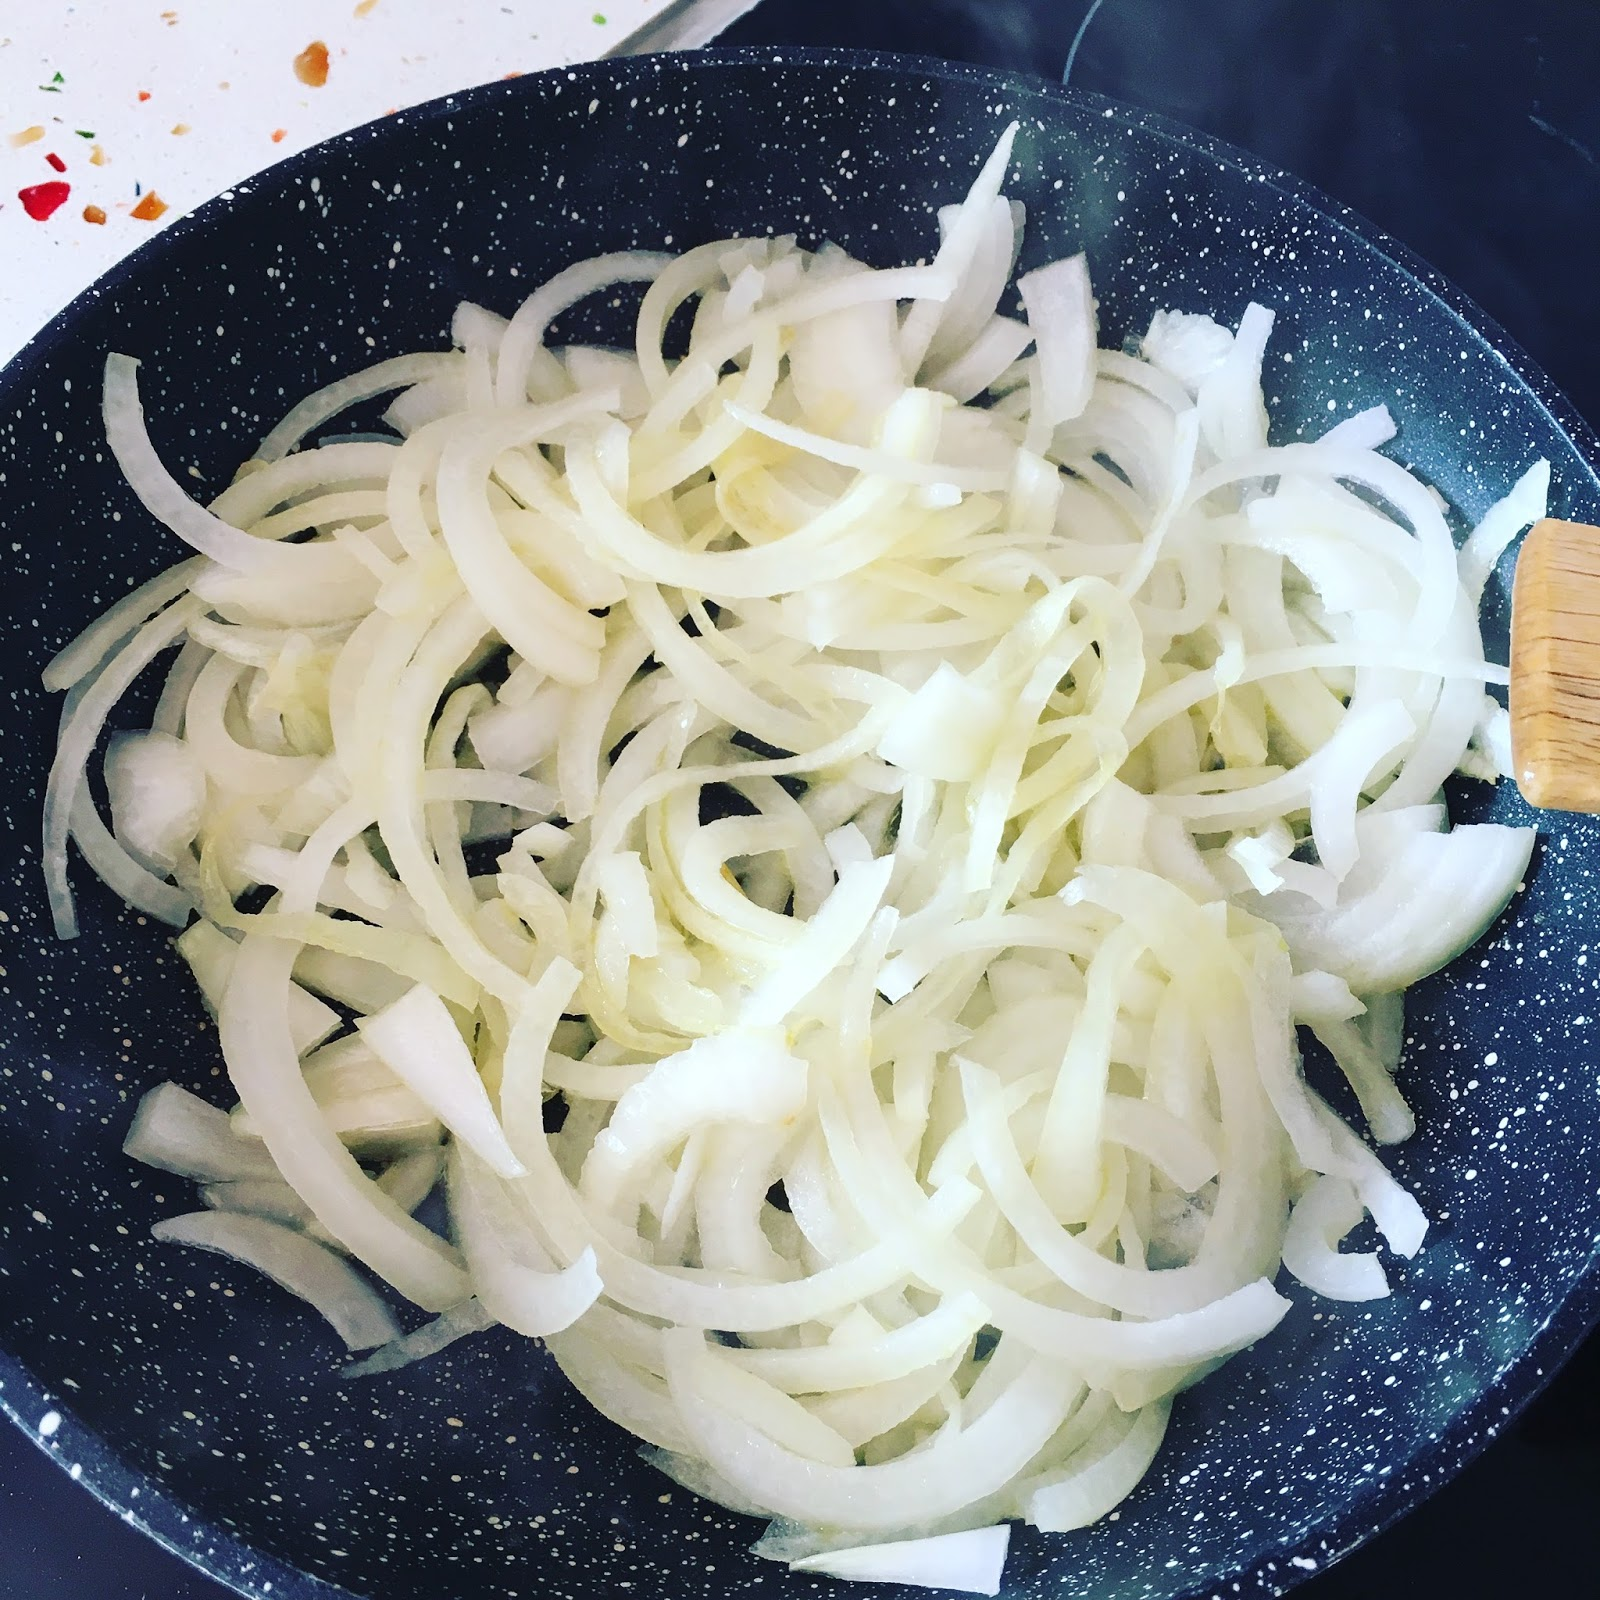 Tortilla De Patata F Cil Riqu Sima Y Baja En Calor As La  ~ Tortilla De Patatas Baja En Calorias